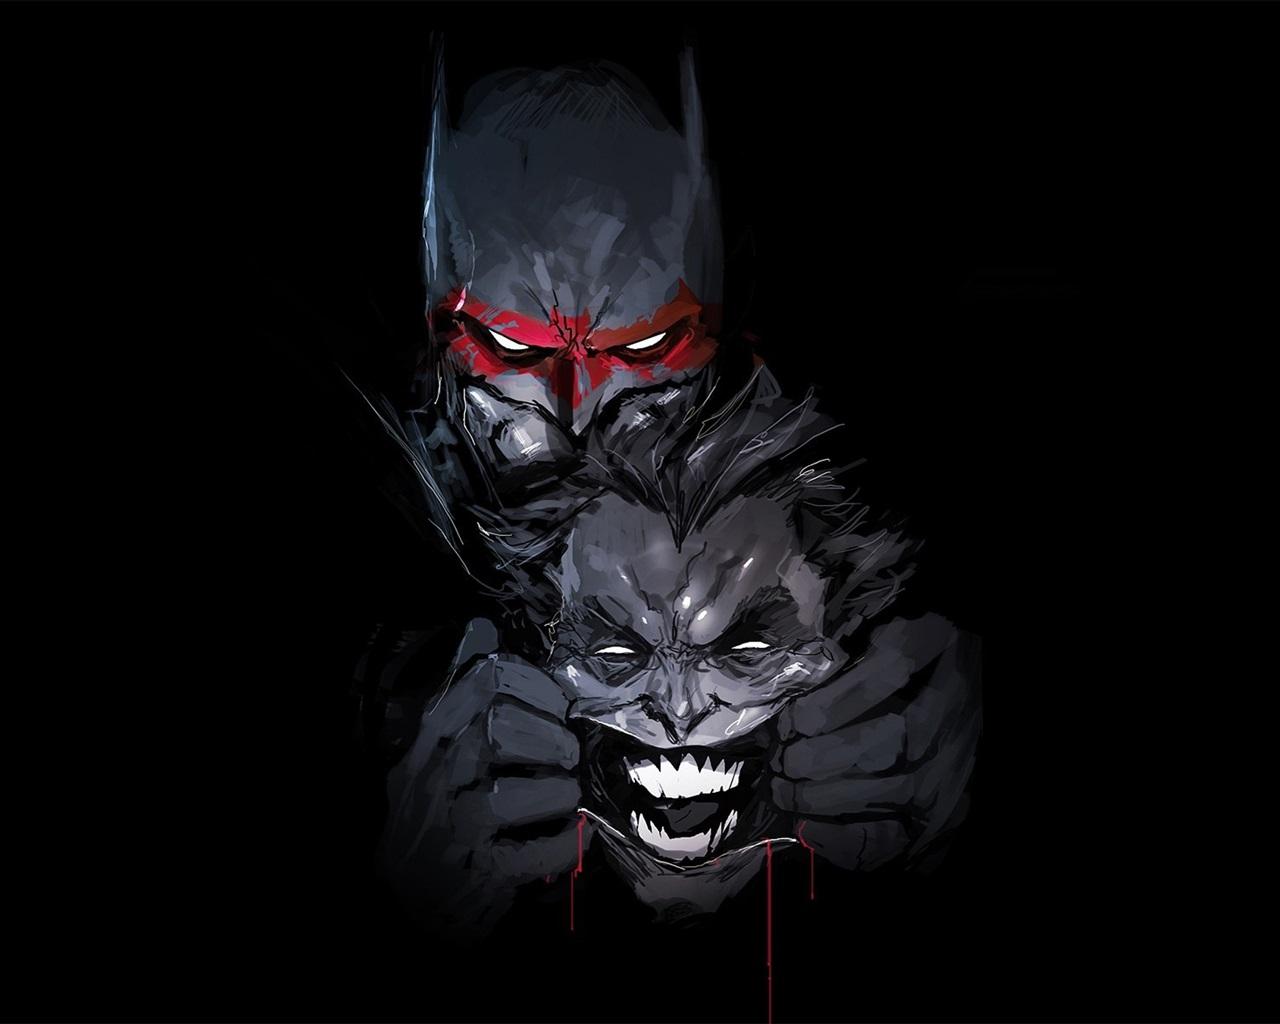 バットマン ジョーカー Dcコミックアート画像 640x1136 Iphone 5 5s 5c Se 壁紙 背景 画像